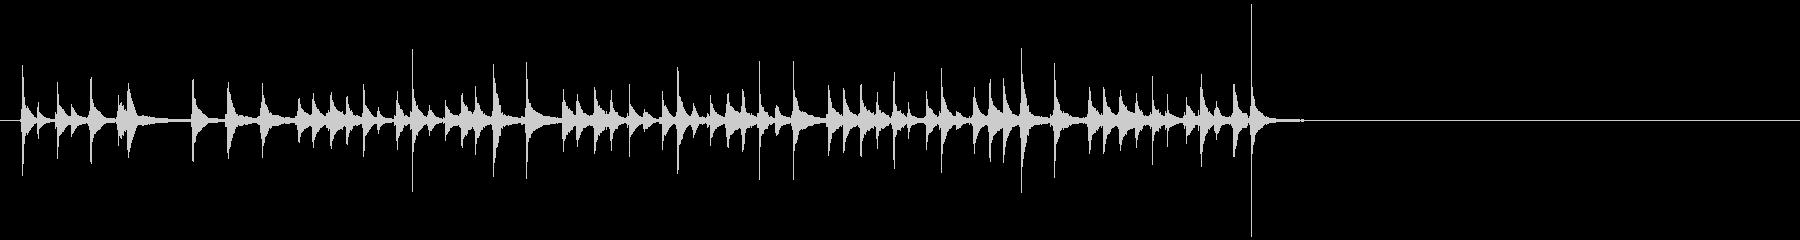 三味線45娘道成寺24日本式レビューショの未再生の波形